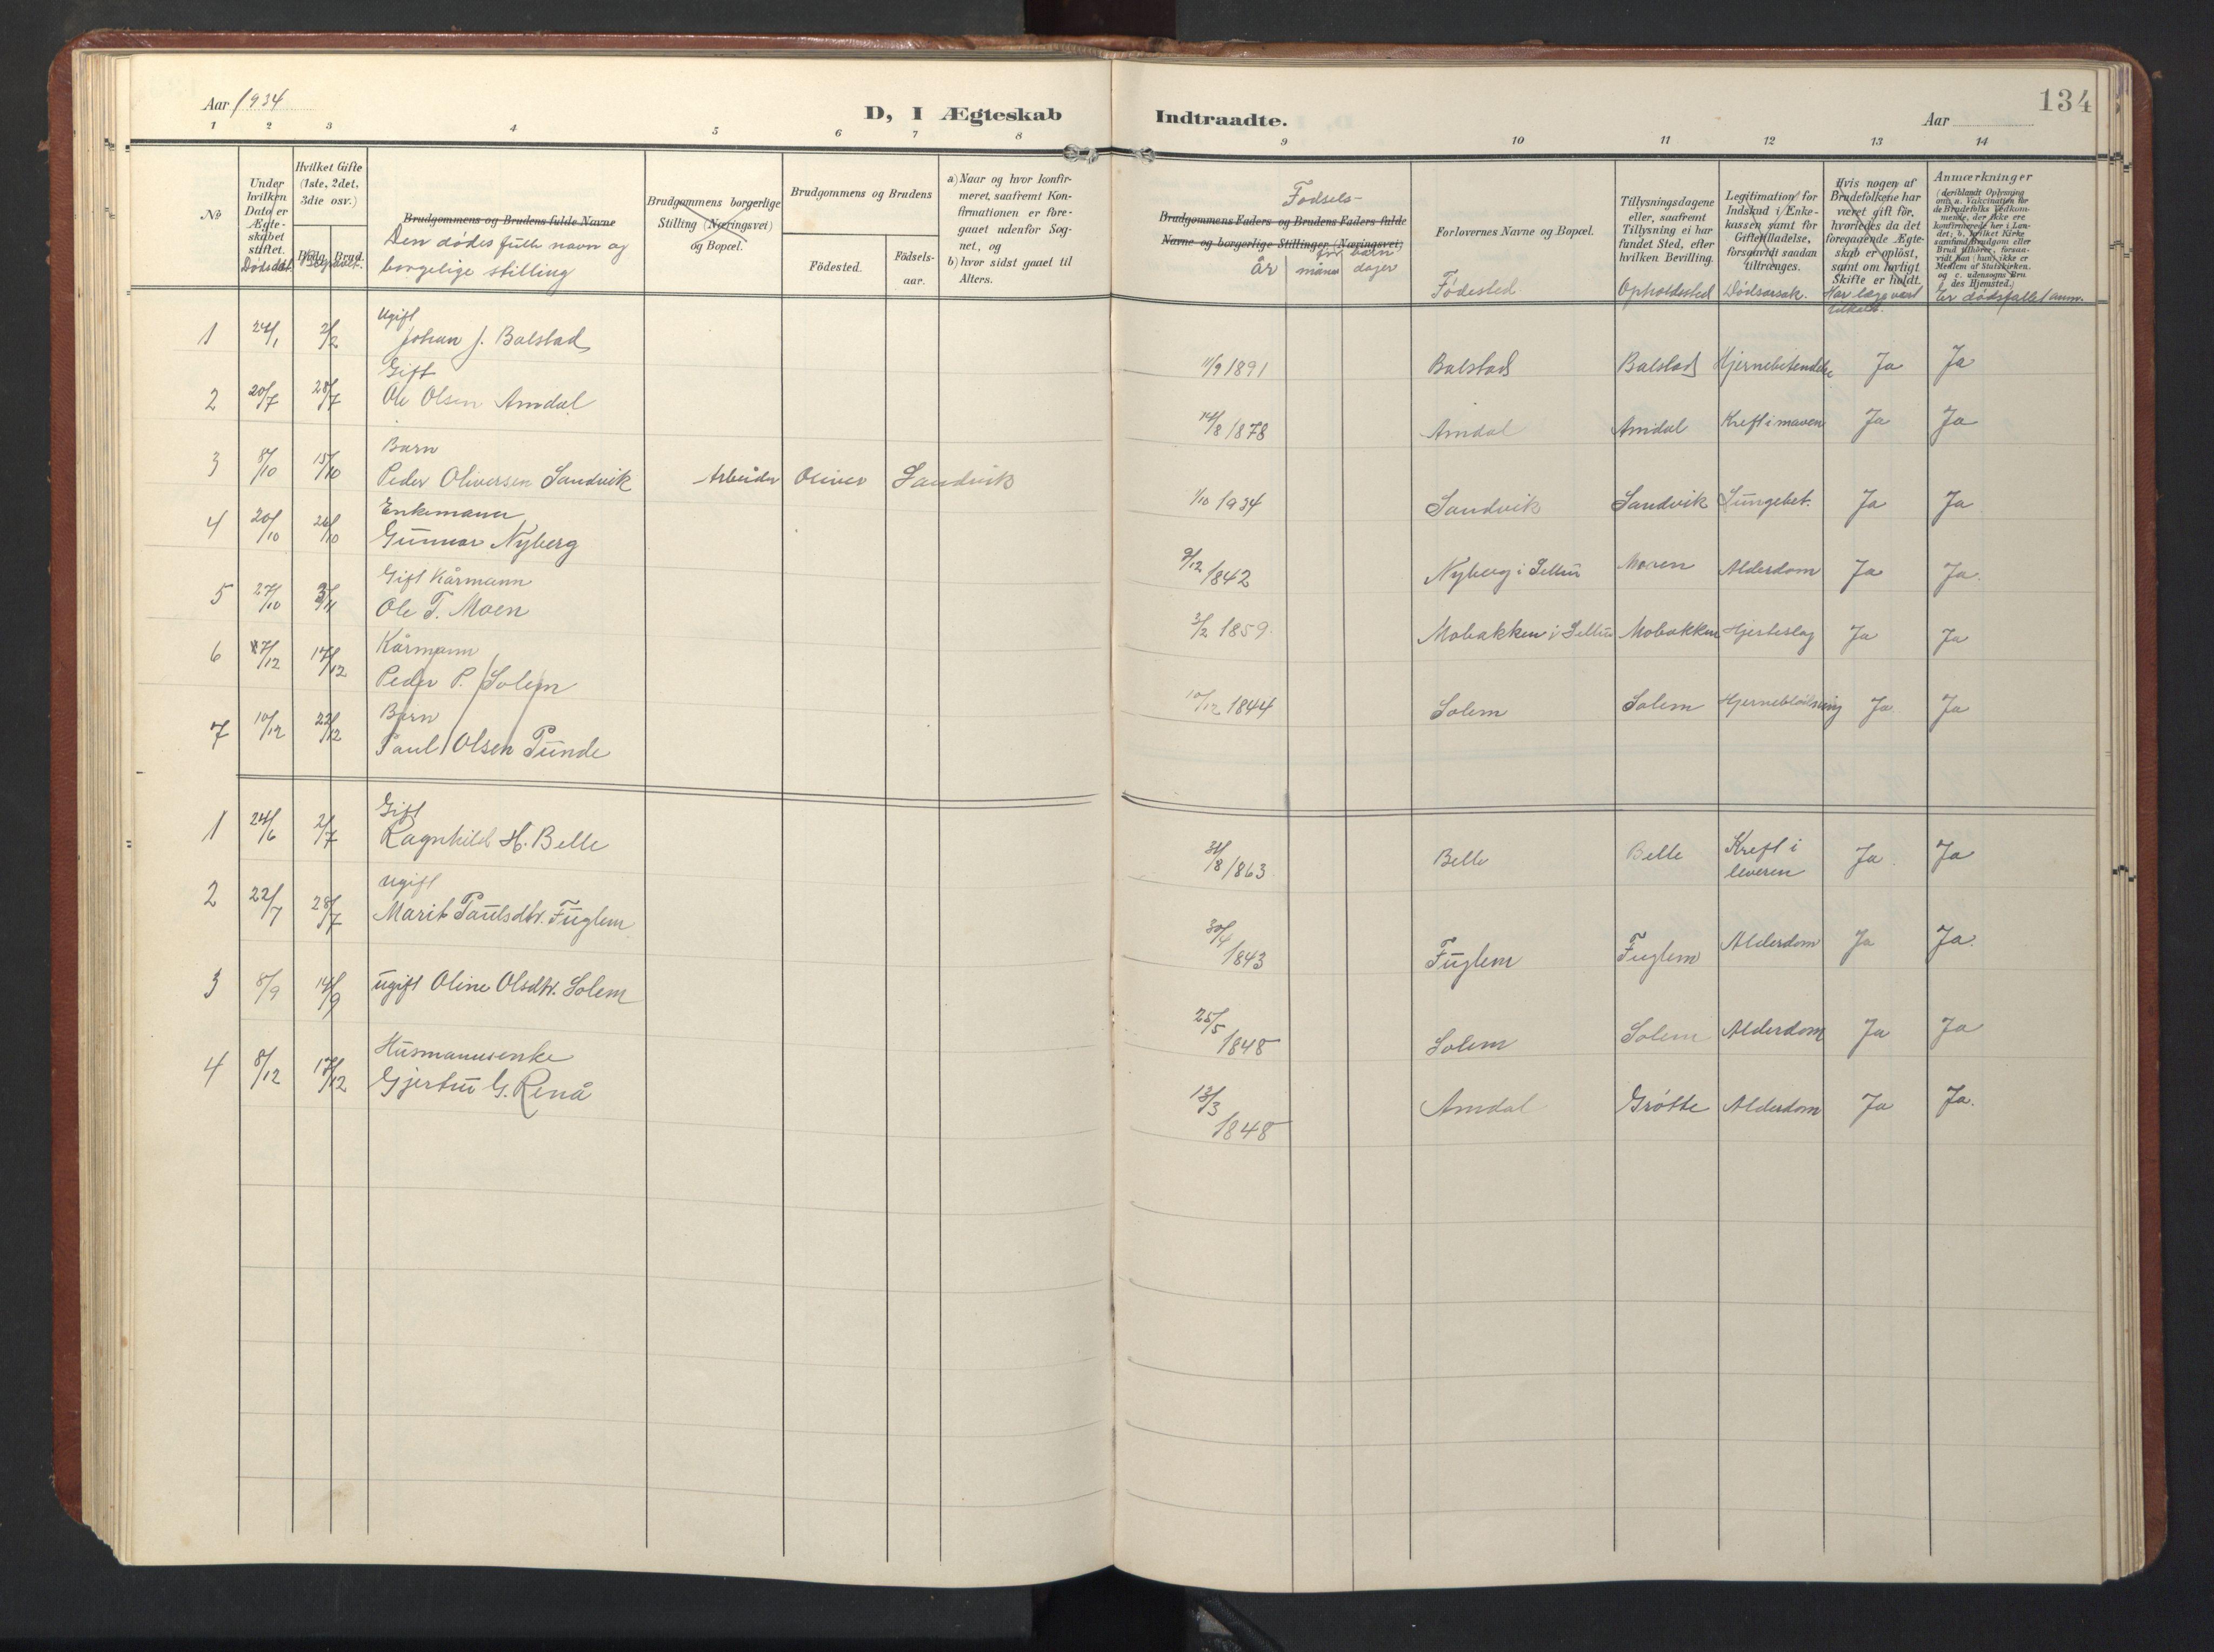 SAT, Ministerialprotokoller, klokkerbøker og fødselsregistre - Sør-Trøndelag, 696/L1161: Klokkerbok nr. 696C01, 1902-1950, s. 134